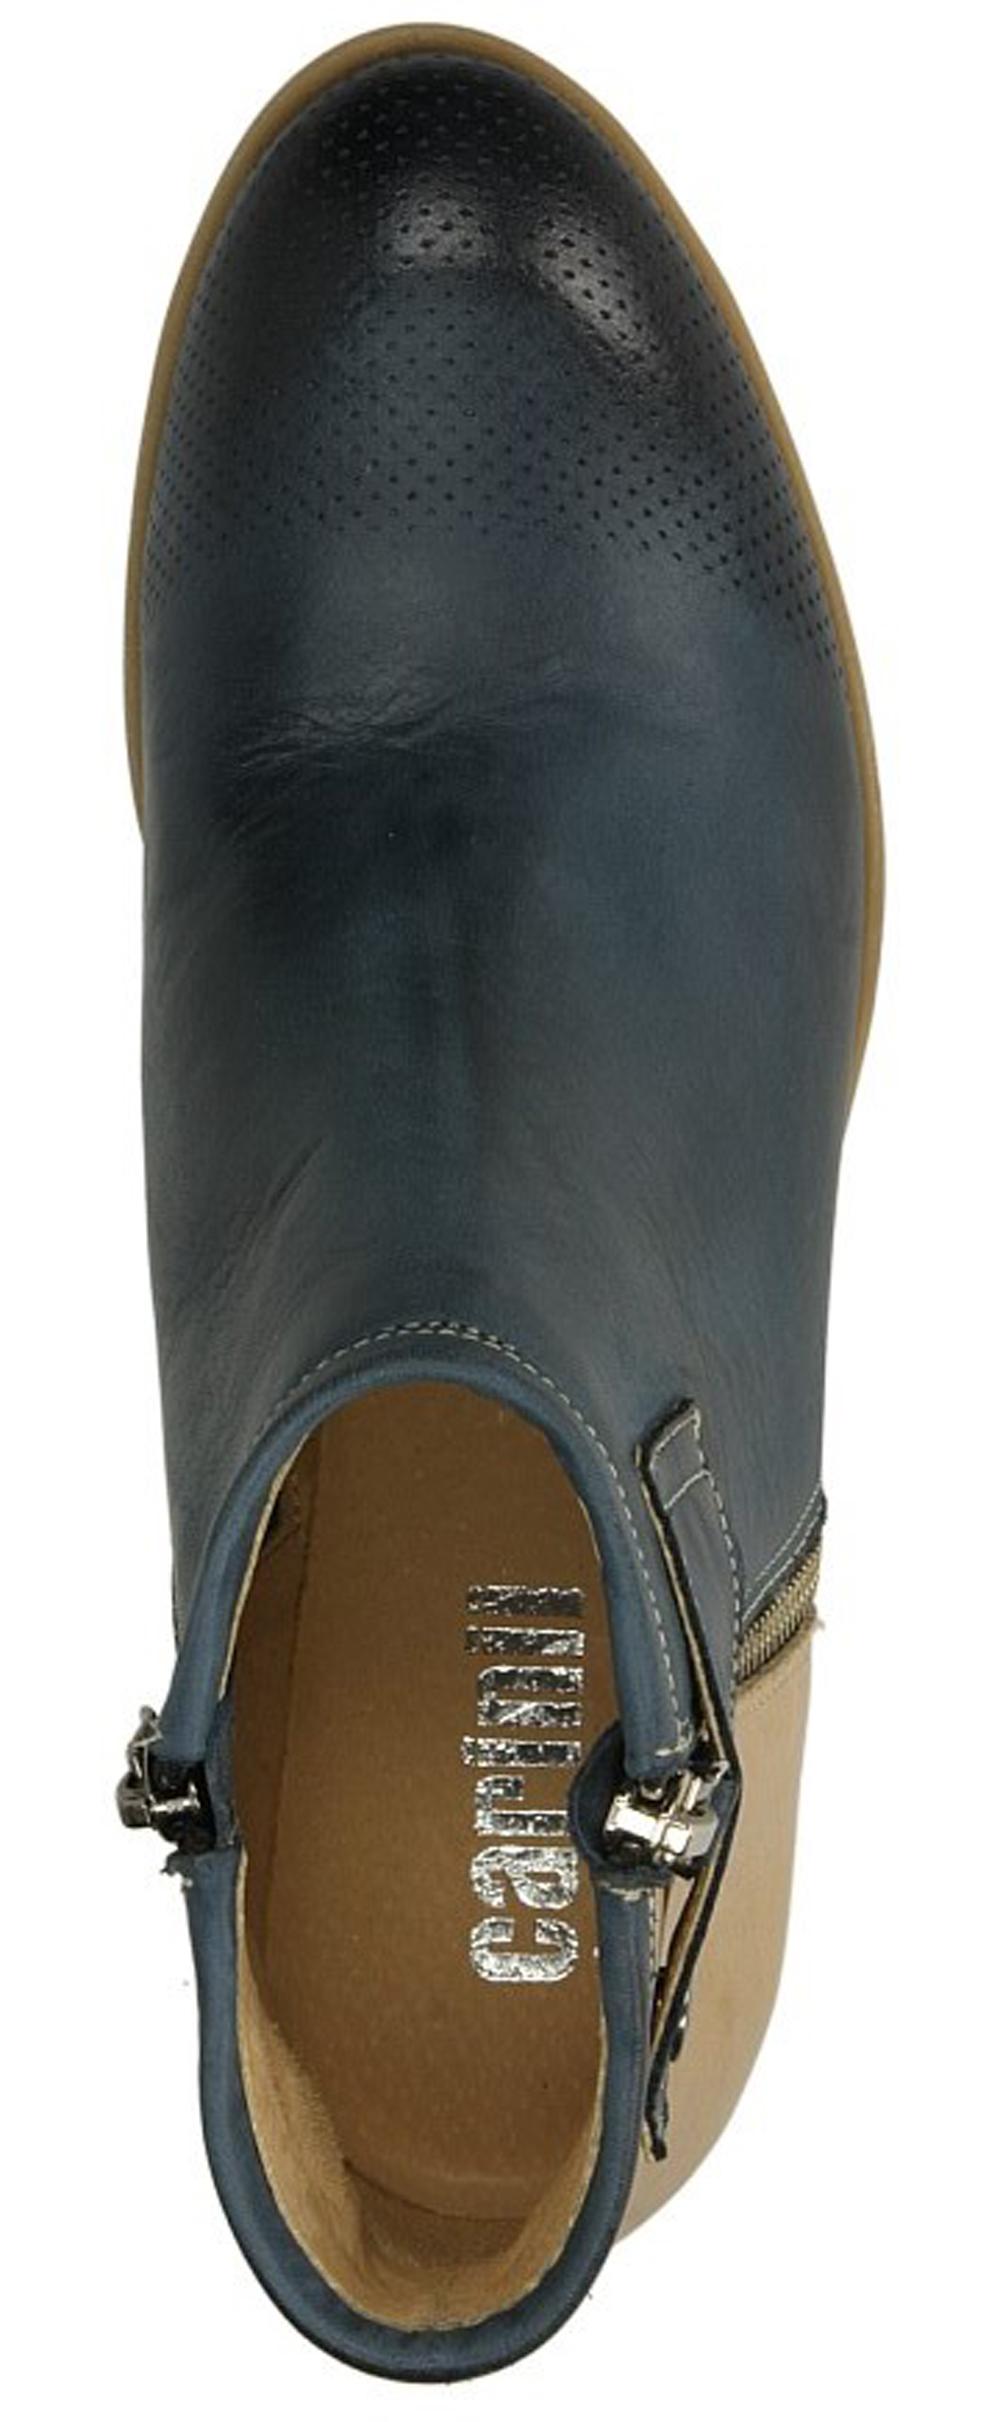 BOTKI CARINII B2192-628-6 wysokosc_obcasa 3 cm